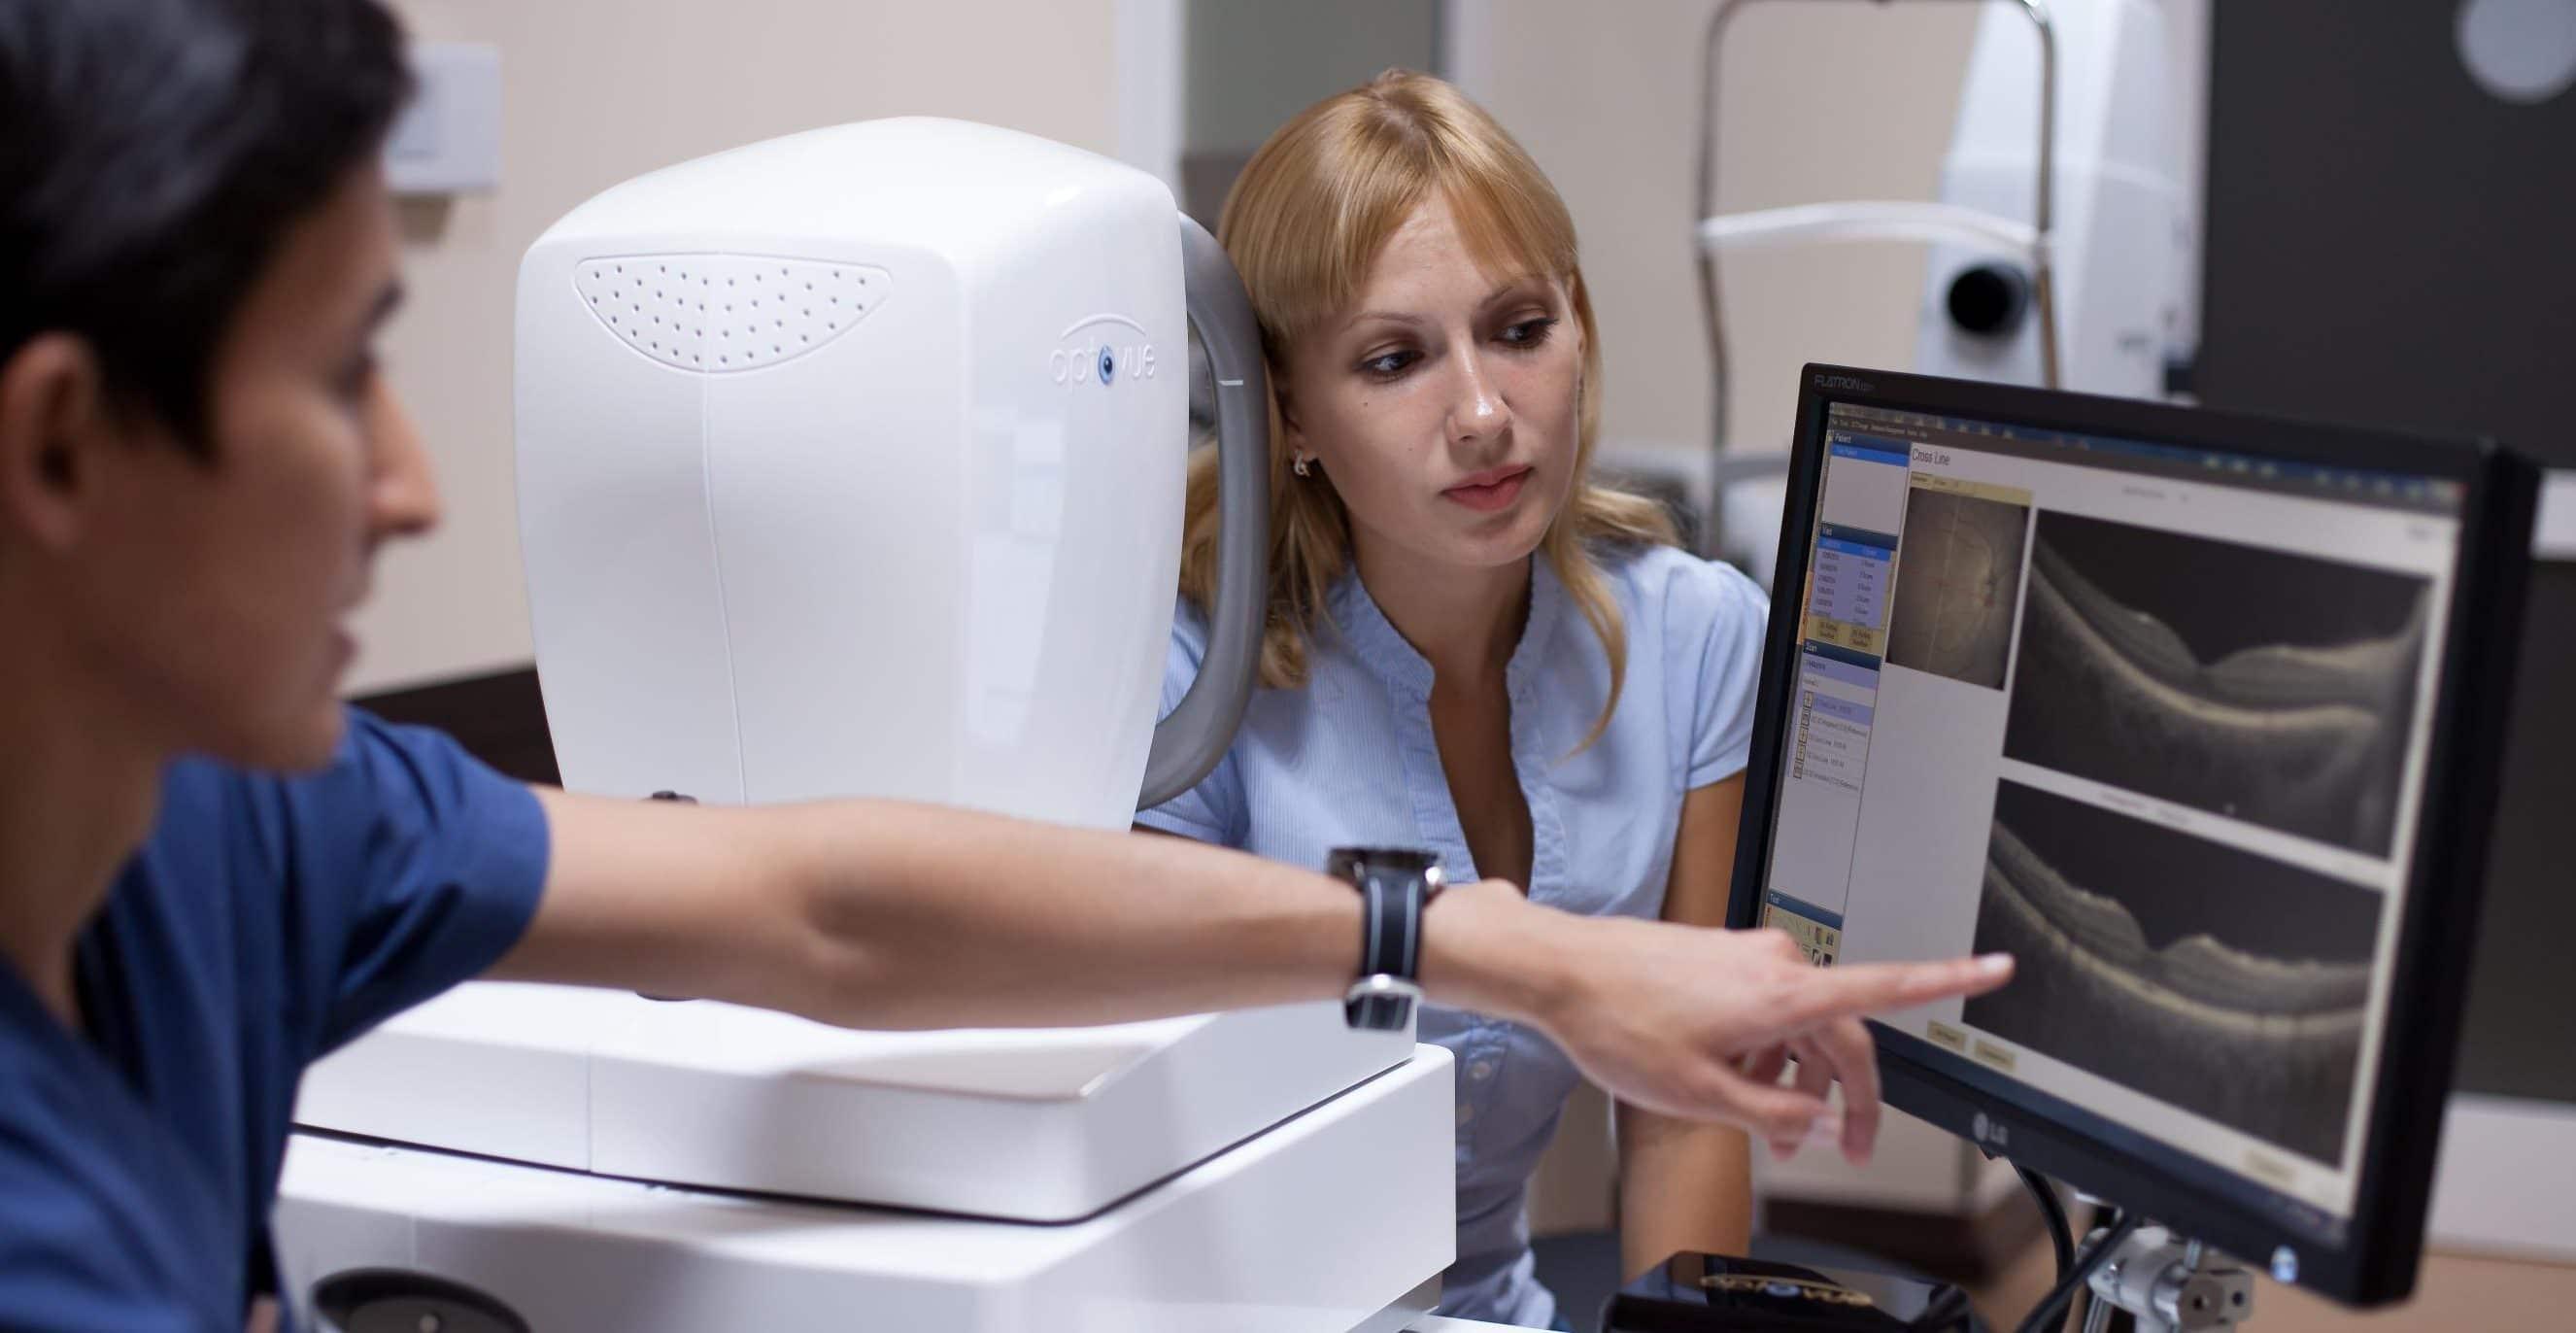 Диагностика сетчатки - как проверить сетчатку глаза